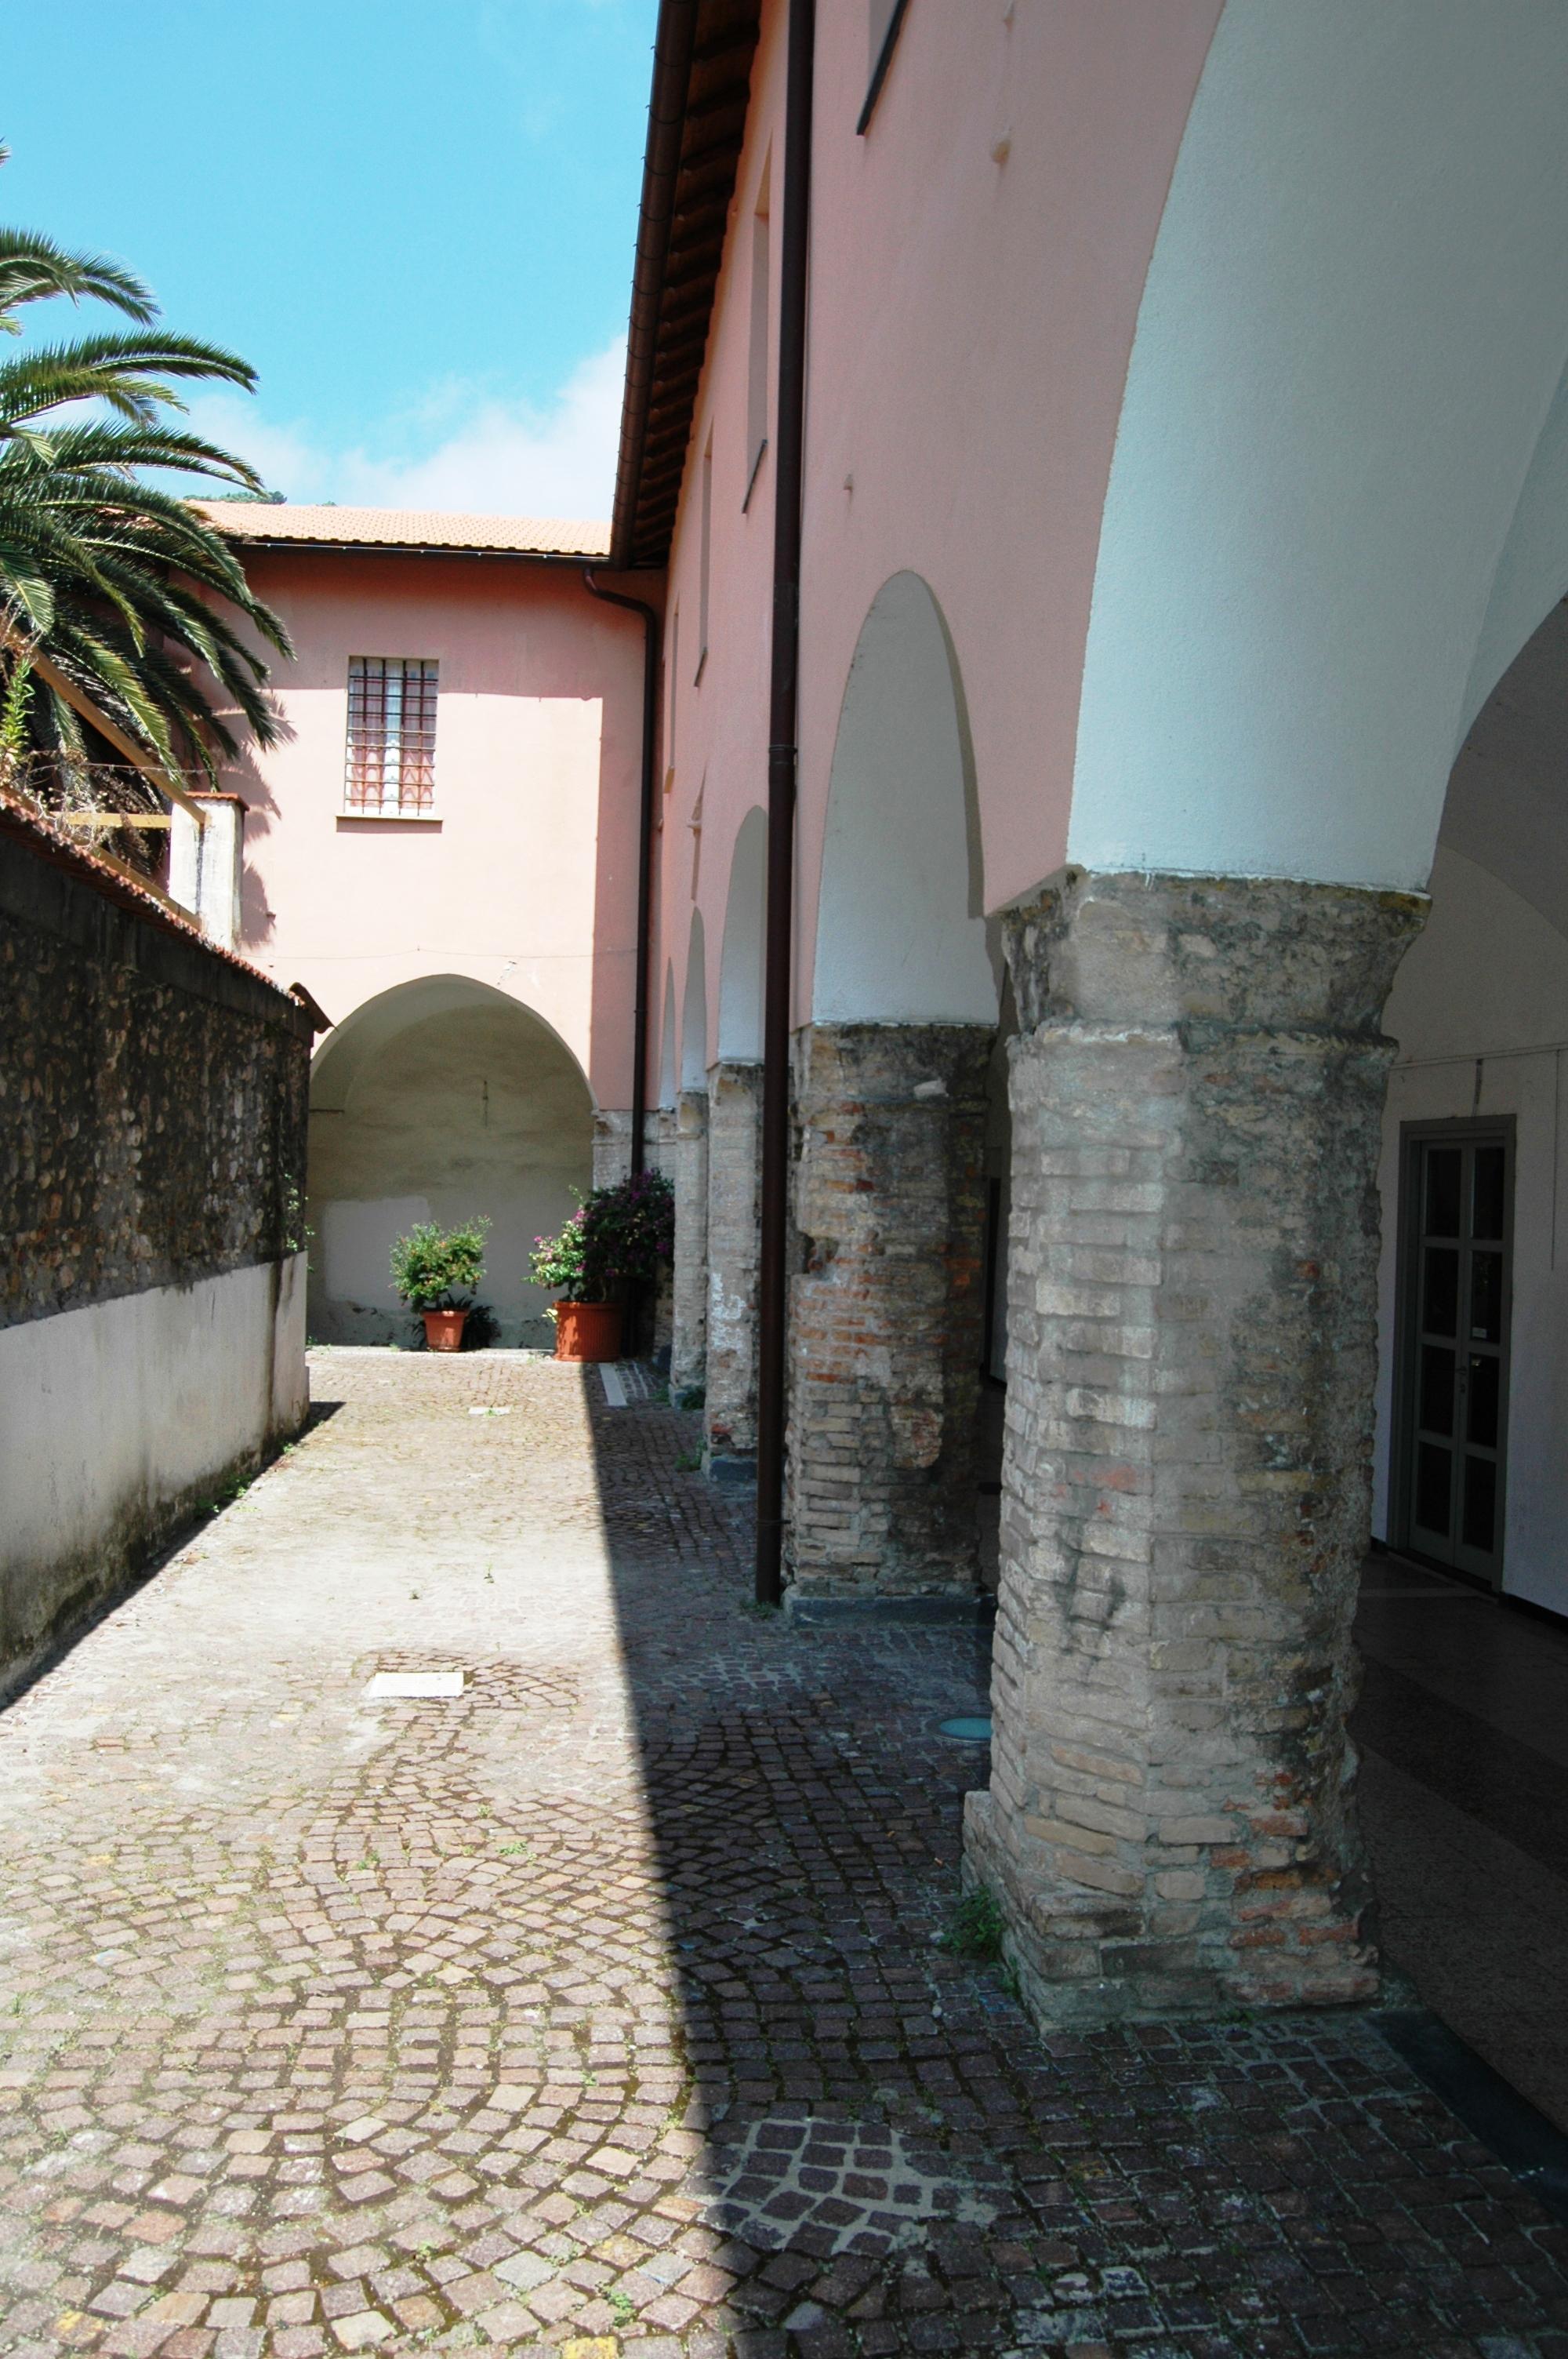 Ventimiglia (IM), S. Agostino, part.